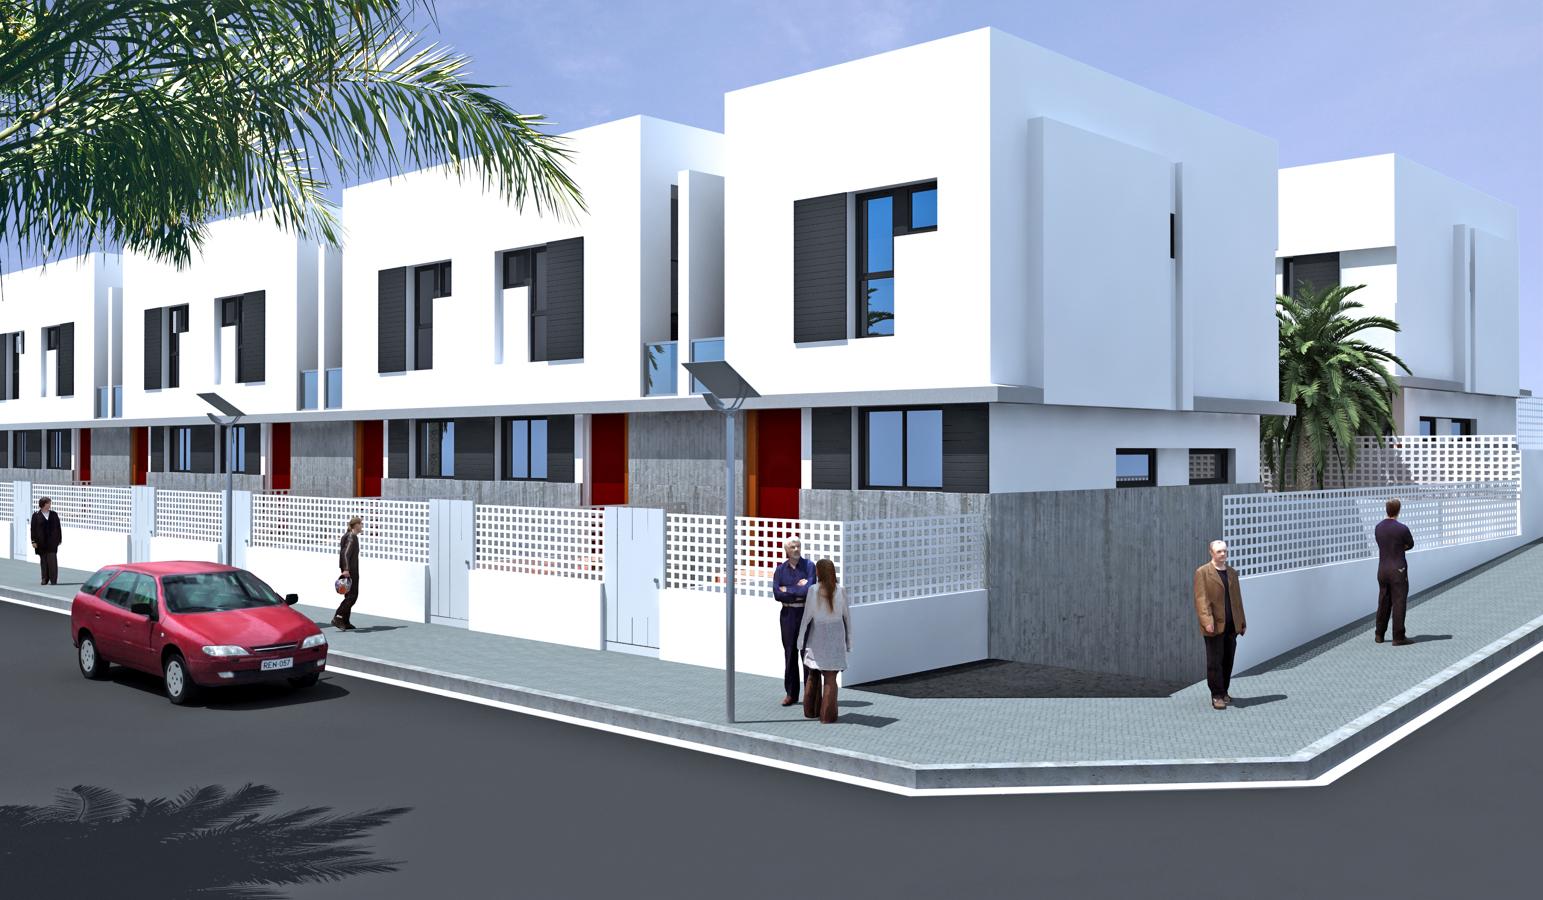 Foto proyecto de 210 duplex adosados en la goleta aguimes - Proyectos de viviendas unifamiliares ...